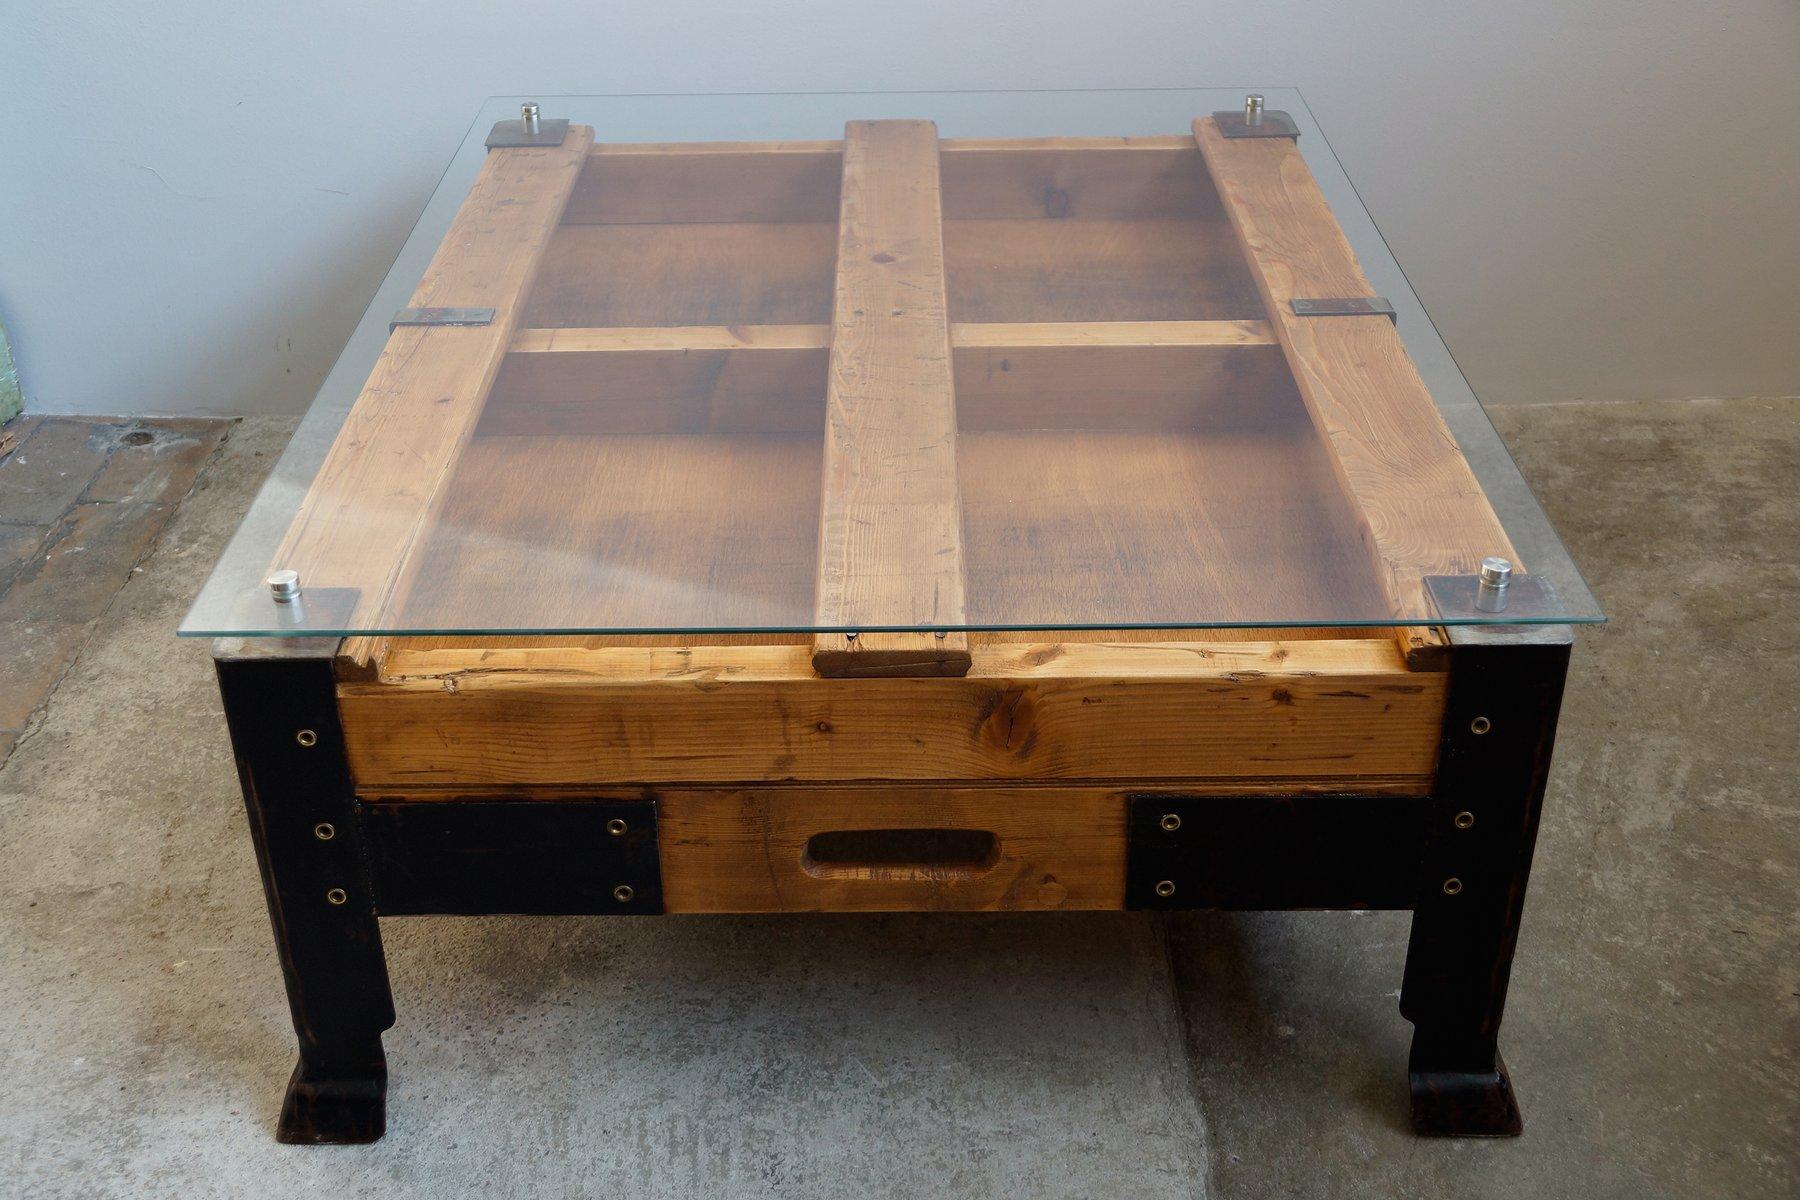 Table basse palette industrielle avec dessus en verre en - Table basse palette industrielle ...